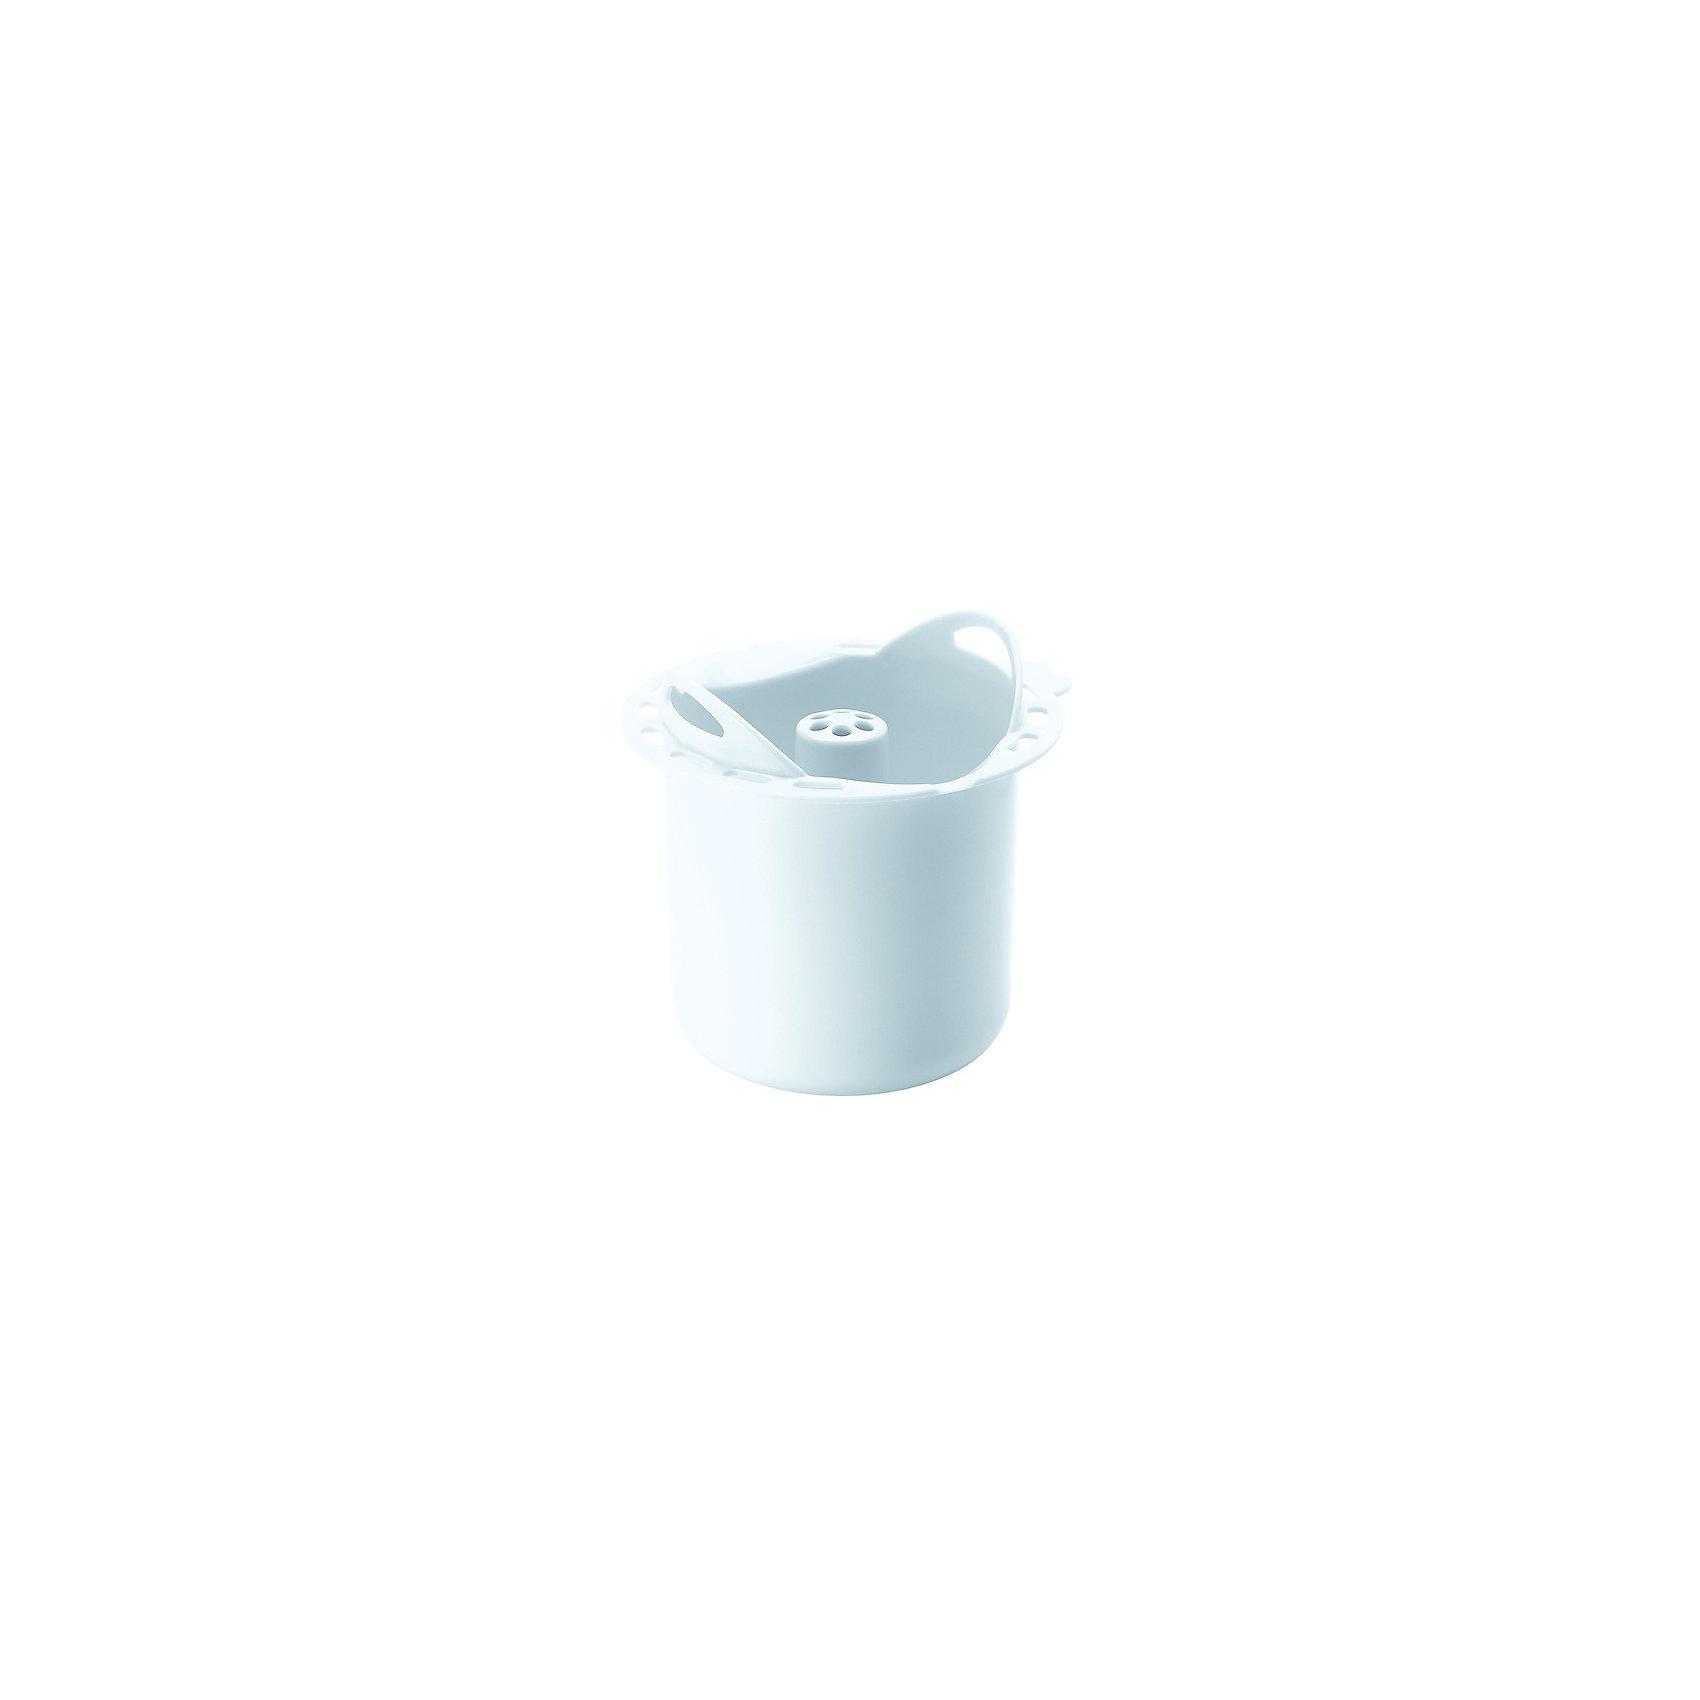 Контейнер для варки круп BBK, Beaba, белыйДетская бытовая техника<br>Контейнер для варки круп BBK, Beaba (Беаба), белый<br><br>Характеристики:<br><br>• поможет сварить крупу, макароны и бобовые без постоянного присмотра<br>• подходит для Babycook Solo/Duo<br>• высота: 8 см<br>• диаметр: 11 см<br>• материал: пластик<br>• размер упаковки: 12х12х9 см<br>• вес: 140 грамм<br><br>Контейнер BBK пригодится для варки круп, макаронных изделий и бобовых в пароварке Babycook Solo/Duo от Beaba. Пользоваться контейнером очень просто: насыпьте в центральную часть продукт, залейте водой, вставьте в чашу блендера-пароварки и установите нужный режим. Через некоторое время питание будет готово, в то время как вы можете спокойно заниматься своими делами.<br><br>Контейнер для варки круп BBK, Beaba (Беаба), белый можно купить в нашем интернет-магазине.<br><br>Ширина мм: 120<br>Глубина мм: 112<br>Высота мм: 110<br>Вес г: 140<br>Возраст от месяцев: 4<br>Возраст до месяцев: 2147483647<br>Пол: Унисекс<br>Возраст: Детский<br>SKU: 5445707